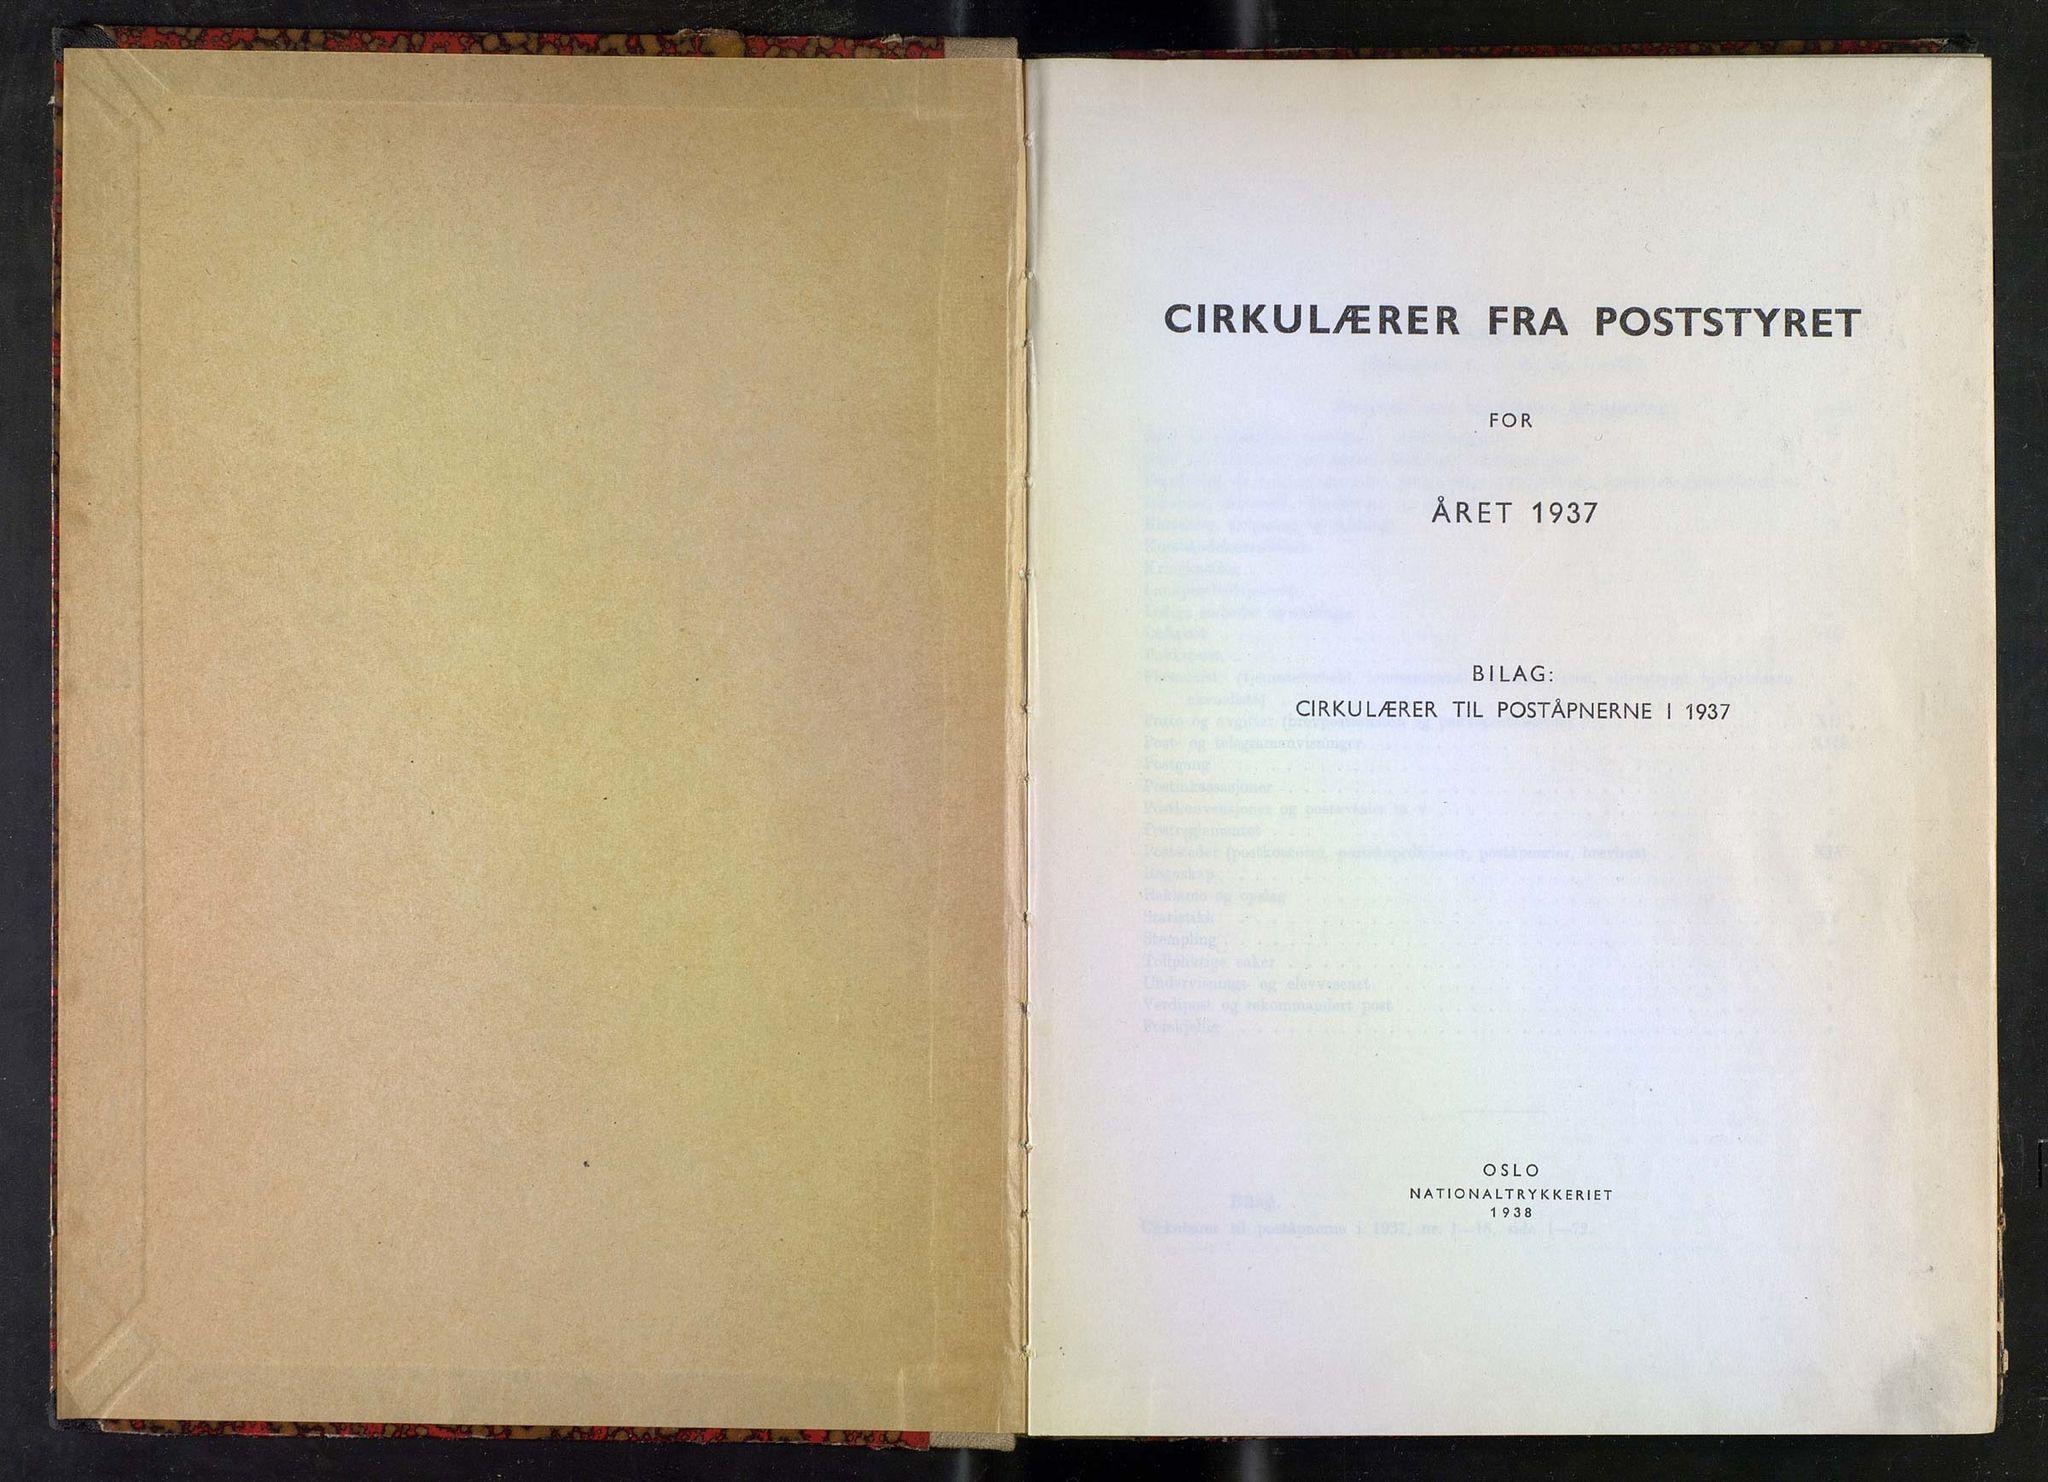 NOPO, Norges Postmuseums bibliotek, -/-: Sirkulærer fra Poststyret, 1937